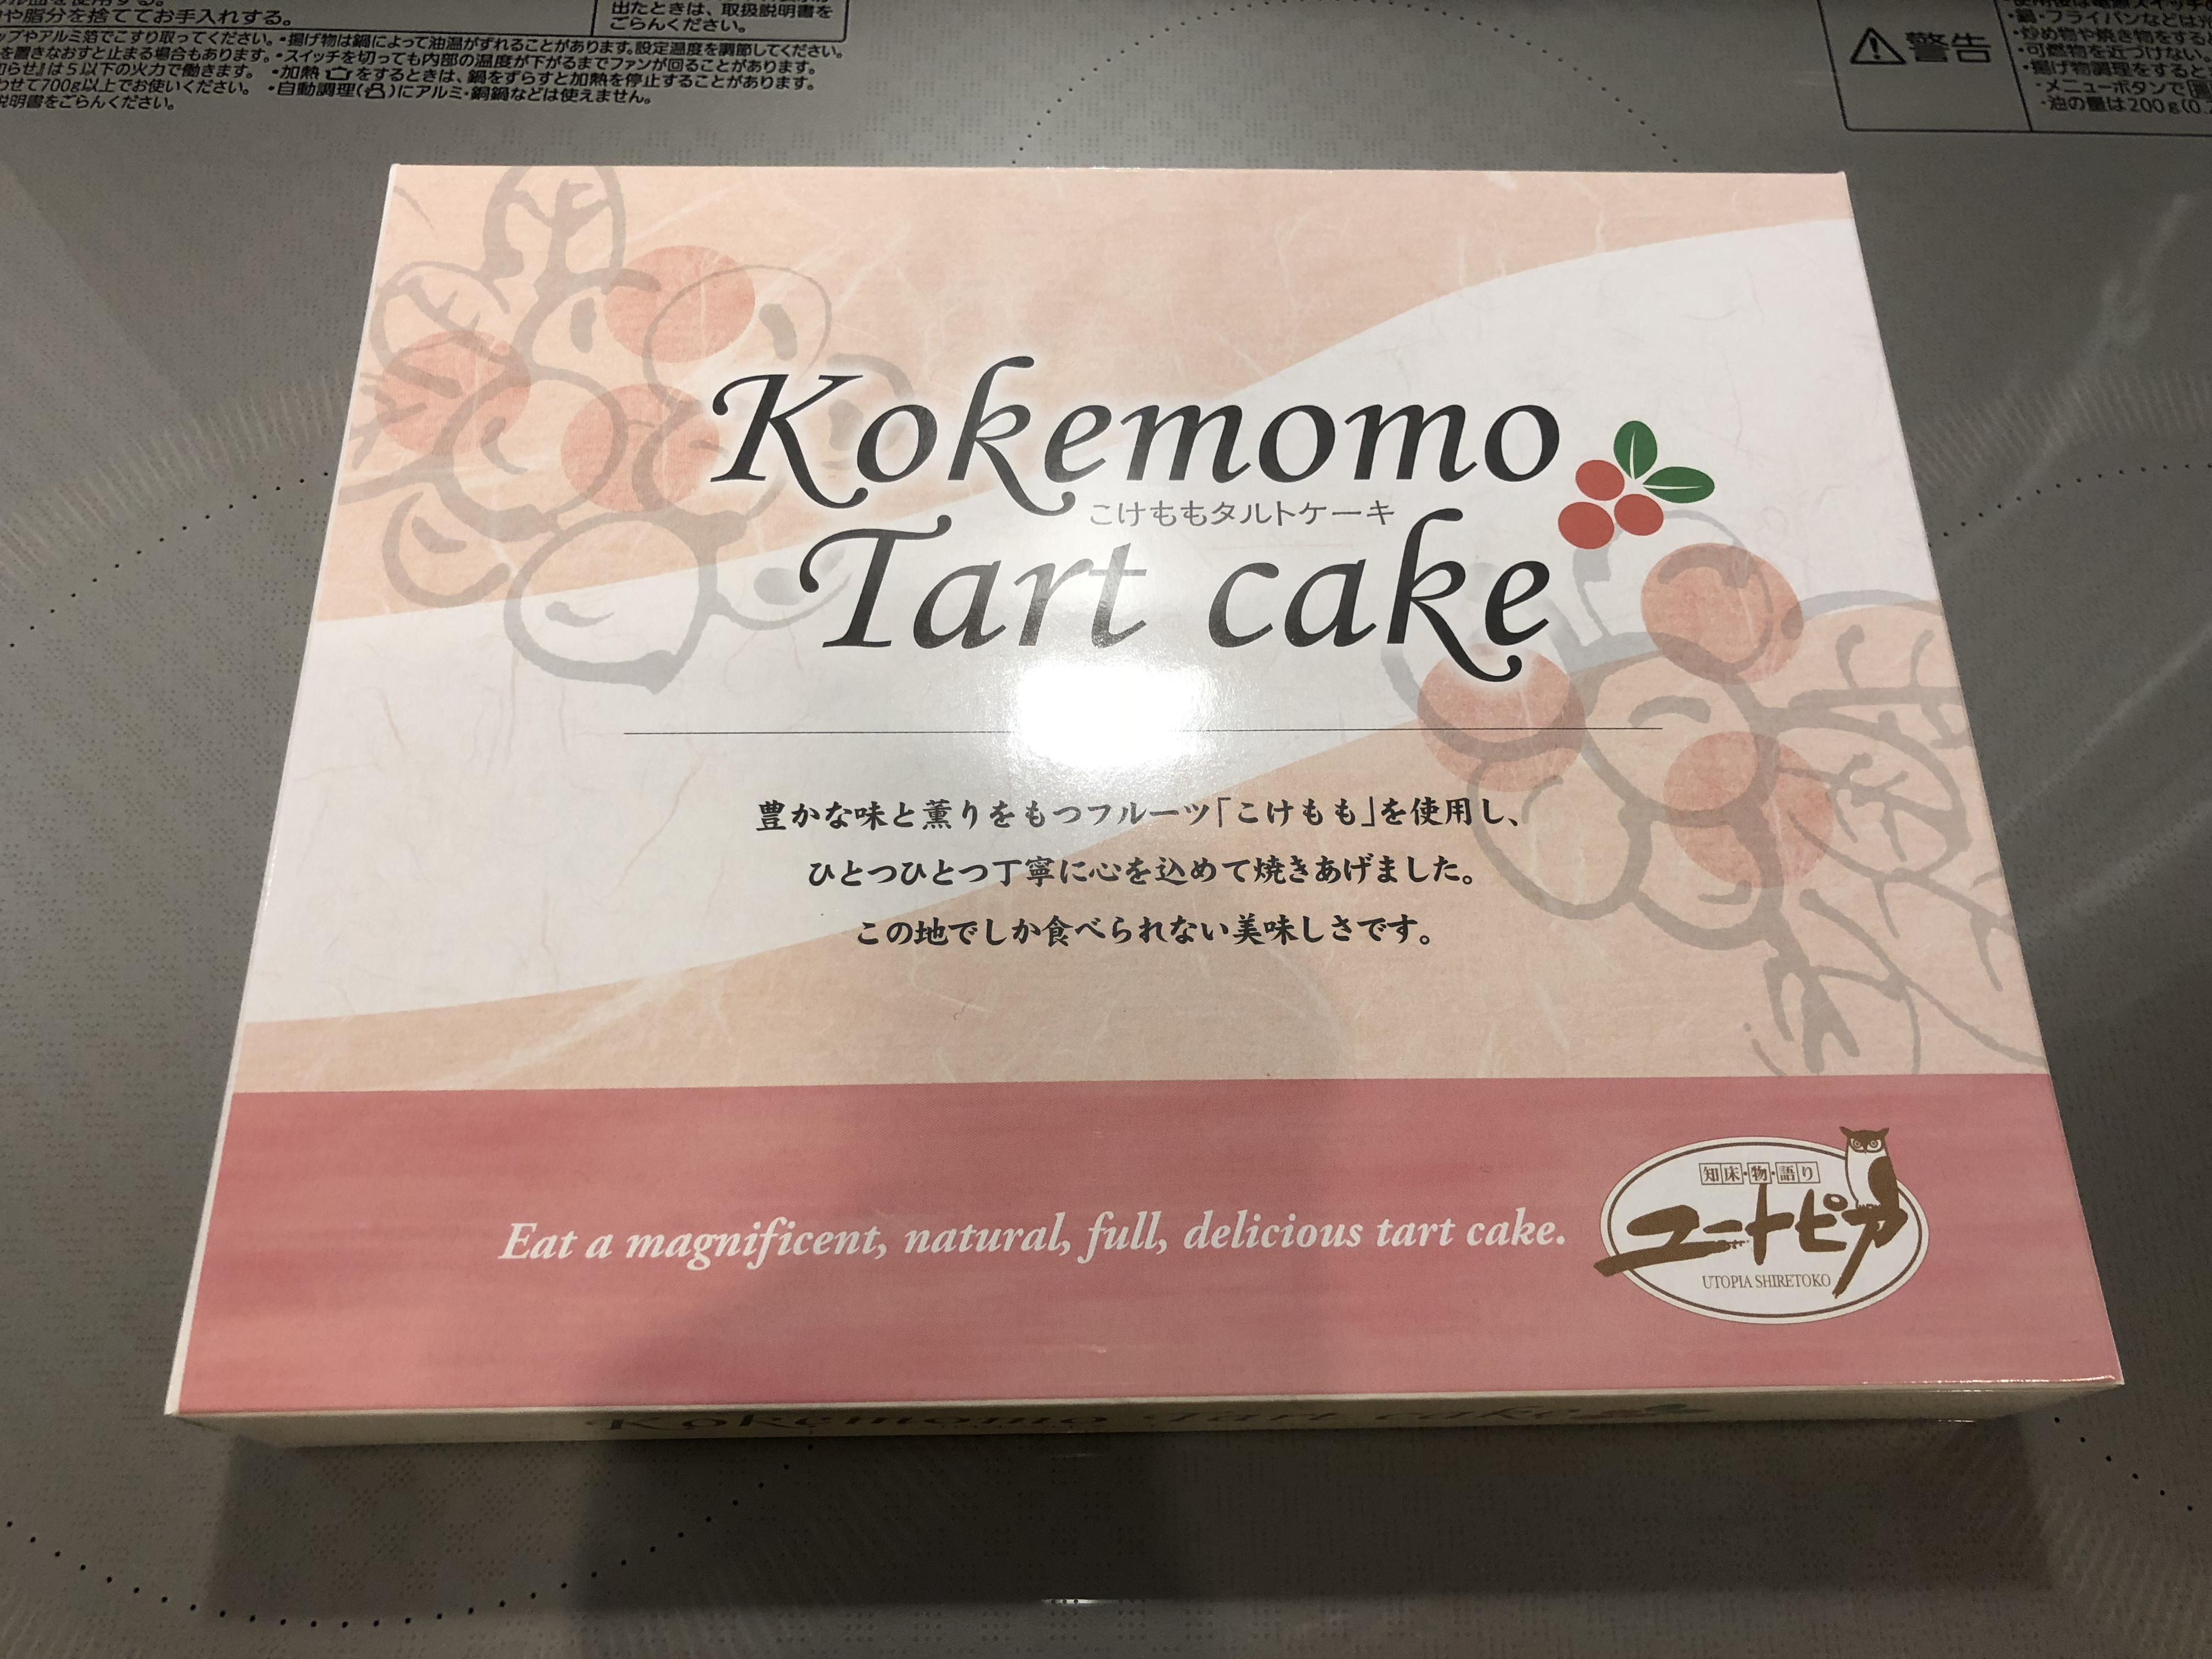 こけももタルトケーキの外装